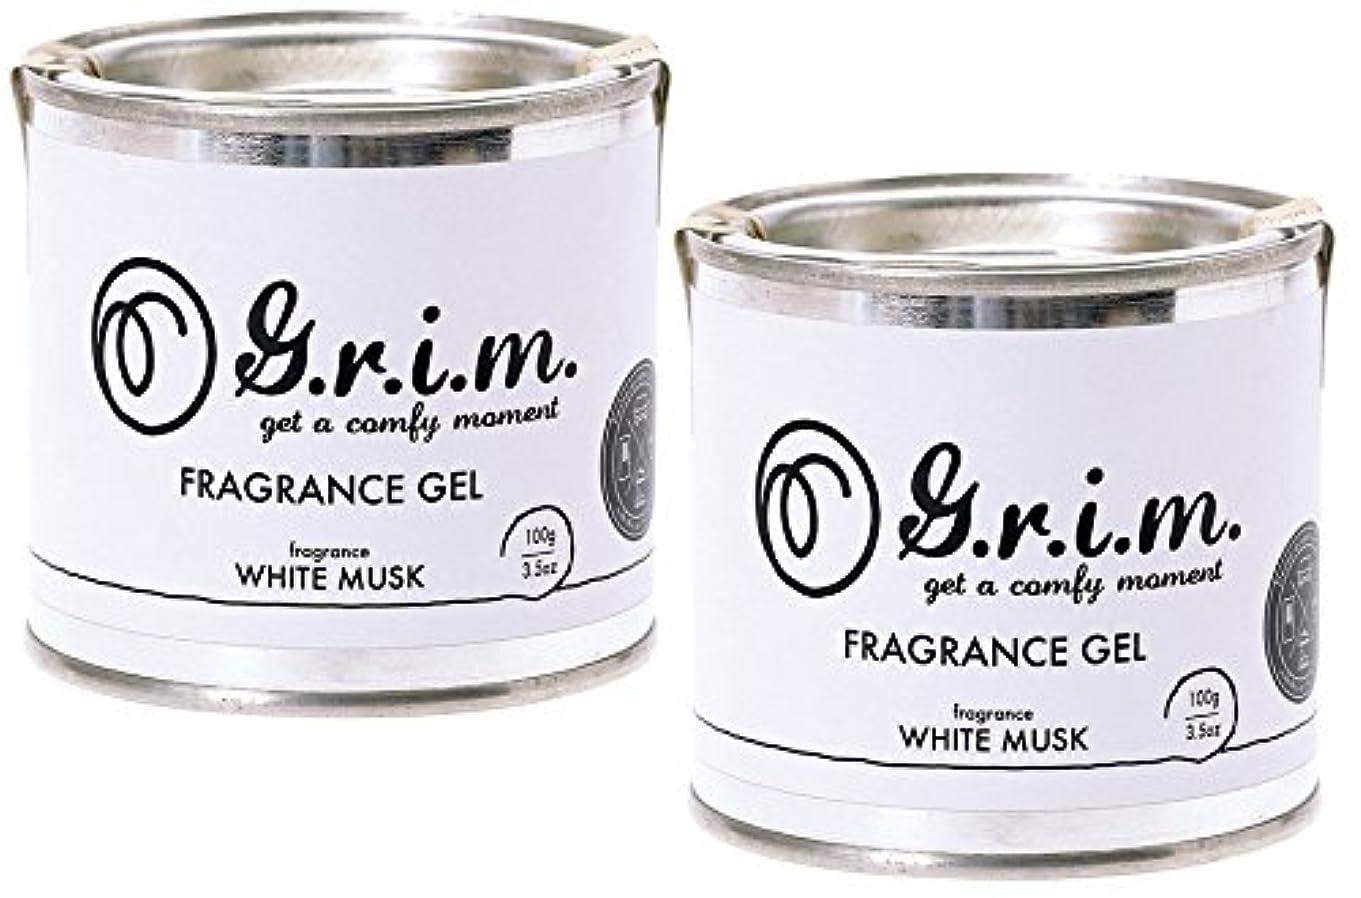 ジャンクション遺伝子従事した【2個セット】ノルコーポレーション g.r.i.m 芳香剤 フレグランスジェル 100g ホワイトムスク OA-GRM-2-1